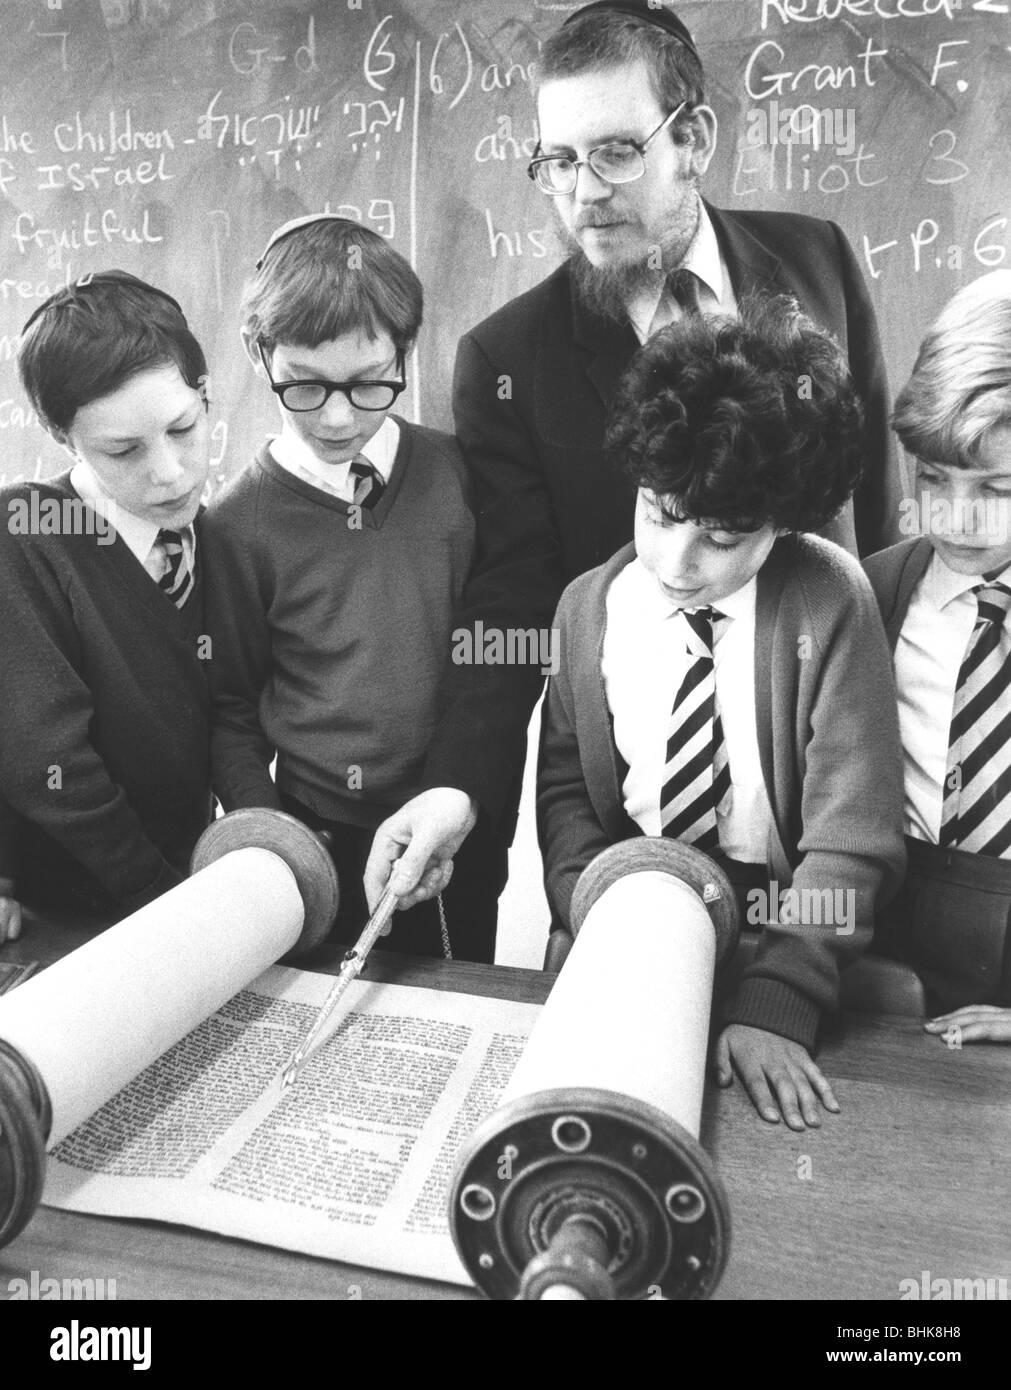 Jewish boys reading the Torah, Britain, 1985. - Stock Image